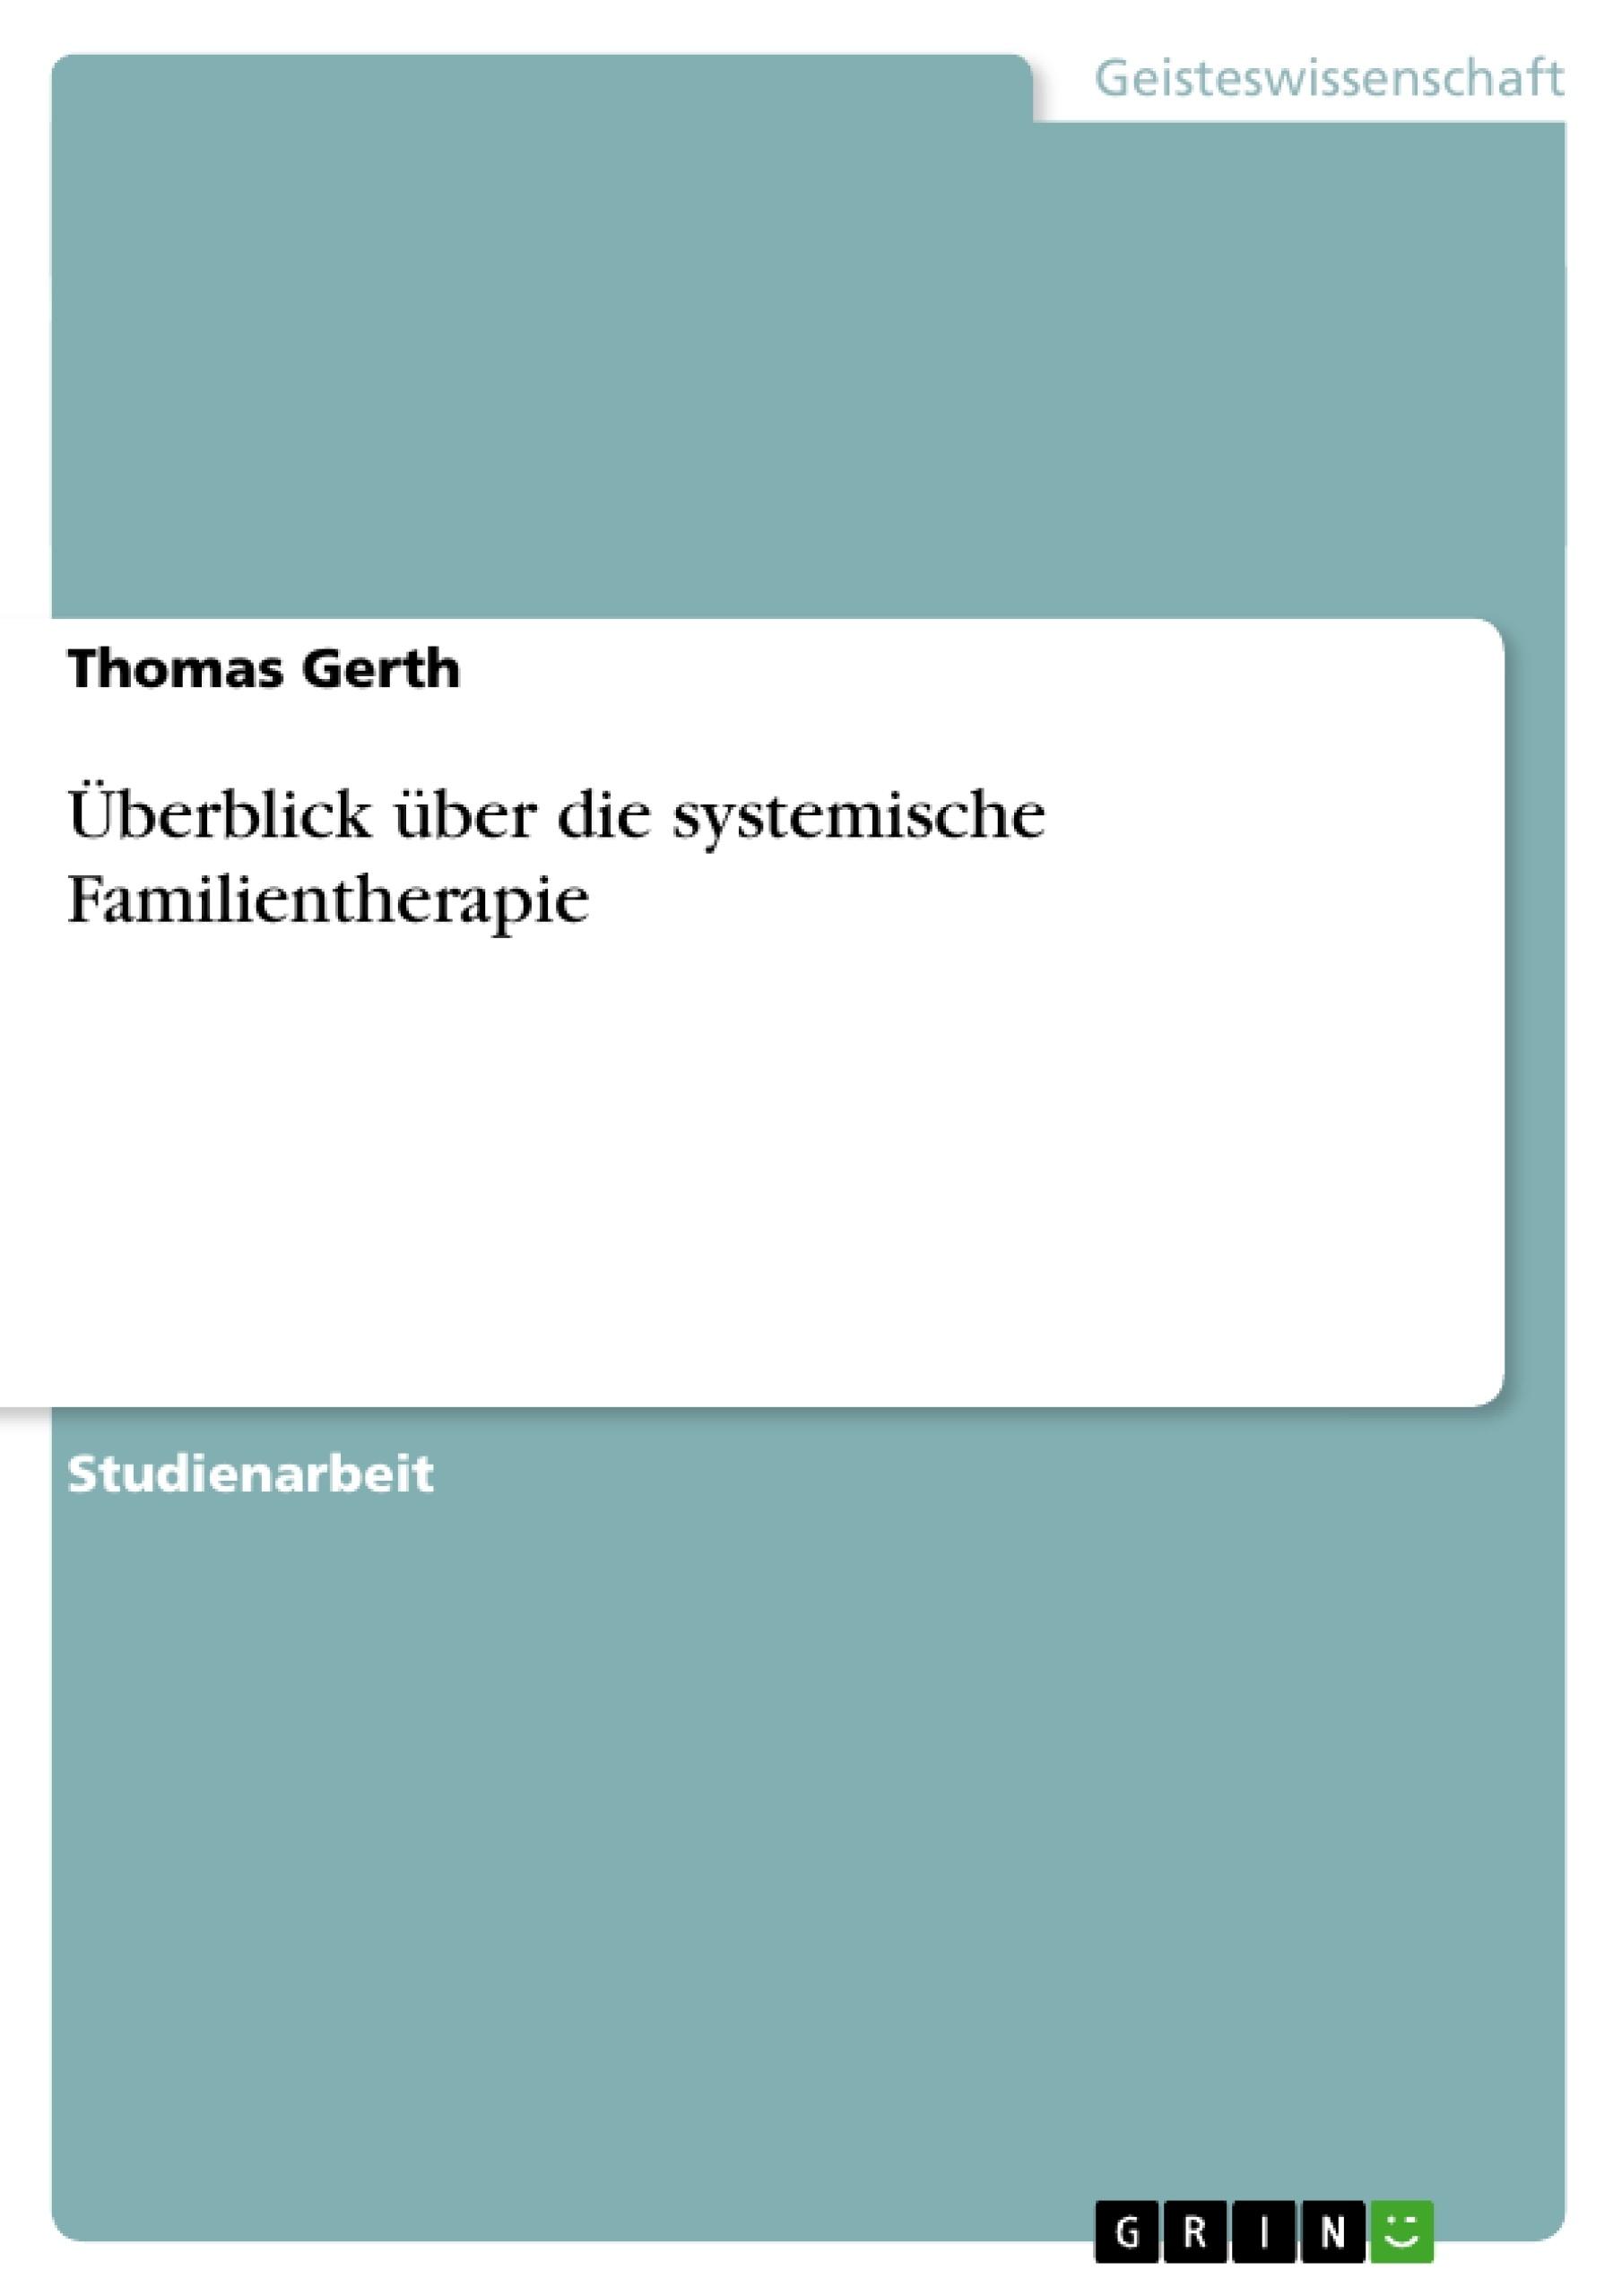 Titel: Überblick über die systemische Familientherapie